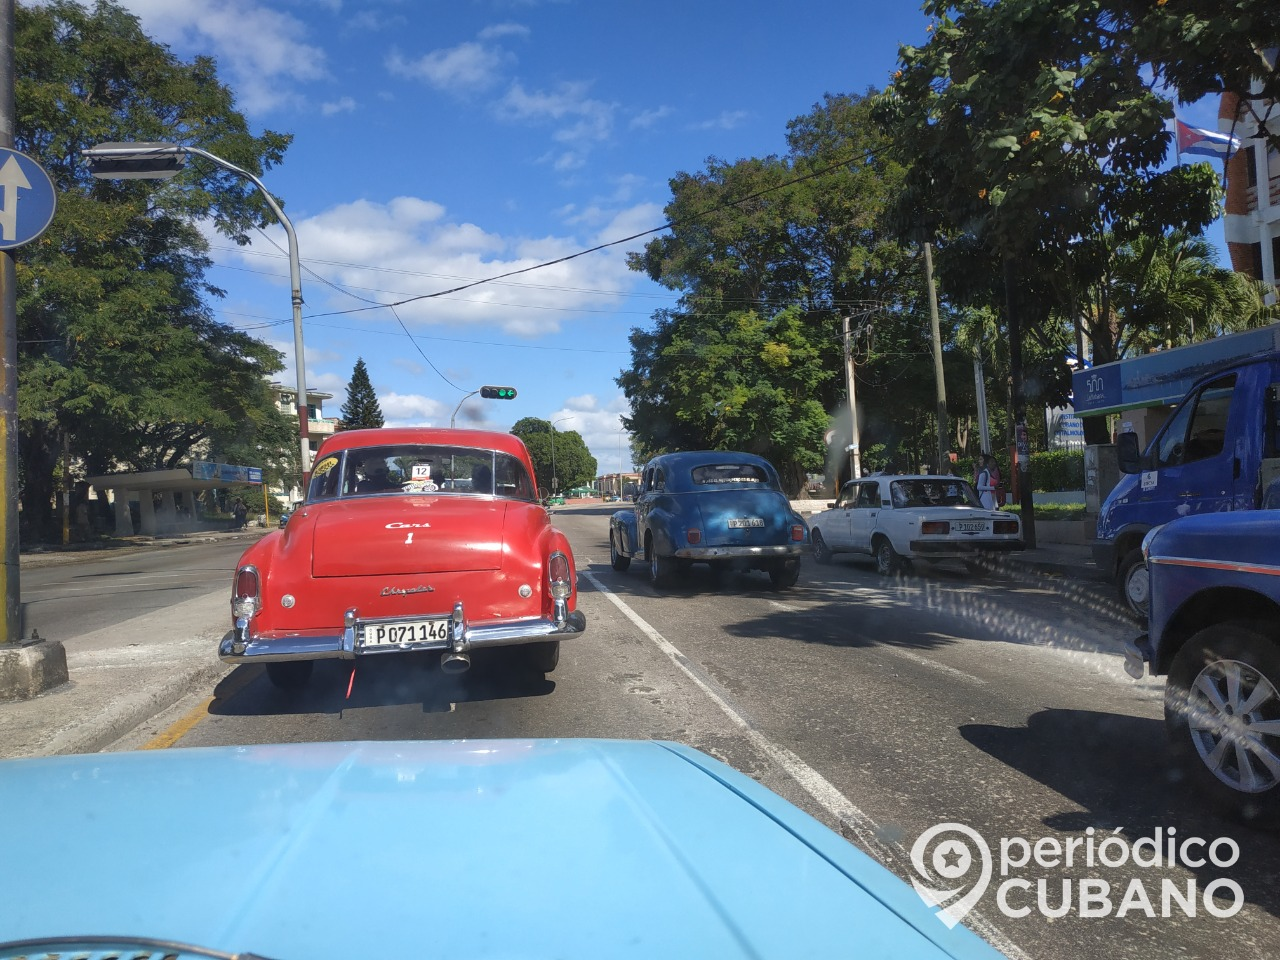 Servicio de somatón a los vehículos cubanos se puede reservar por Internet